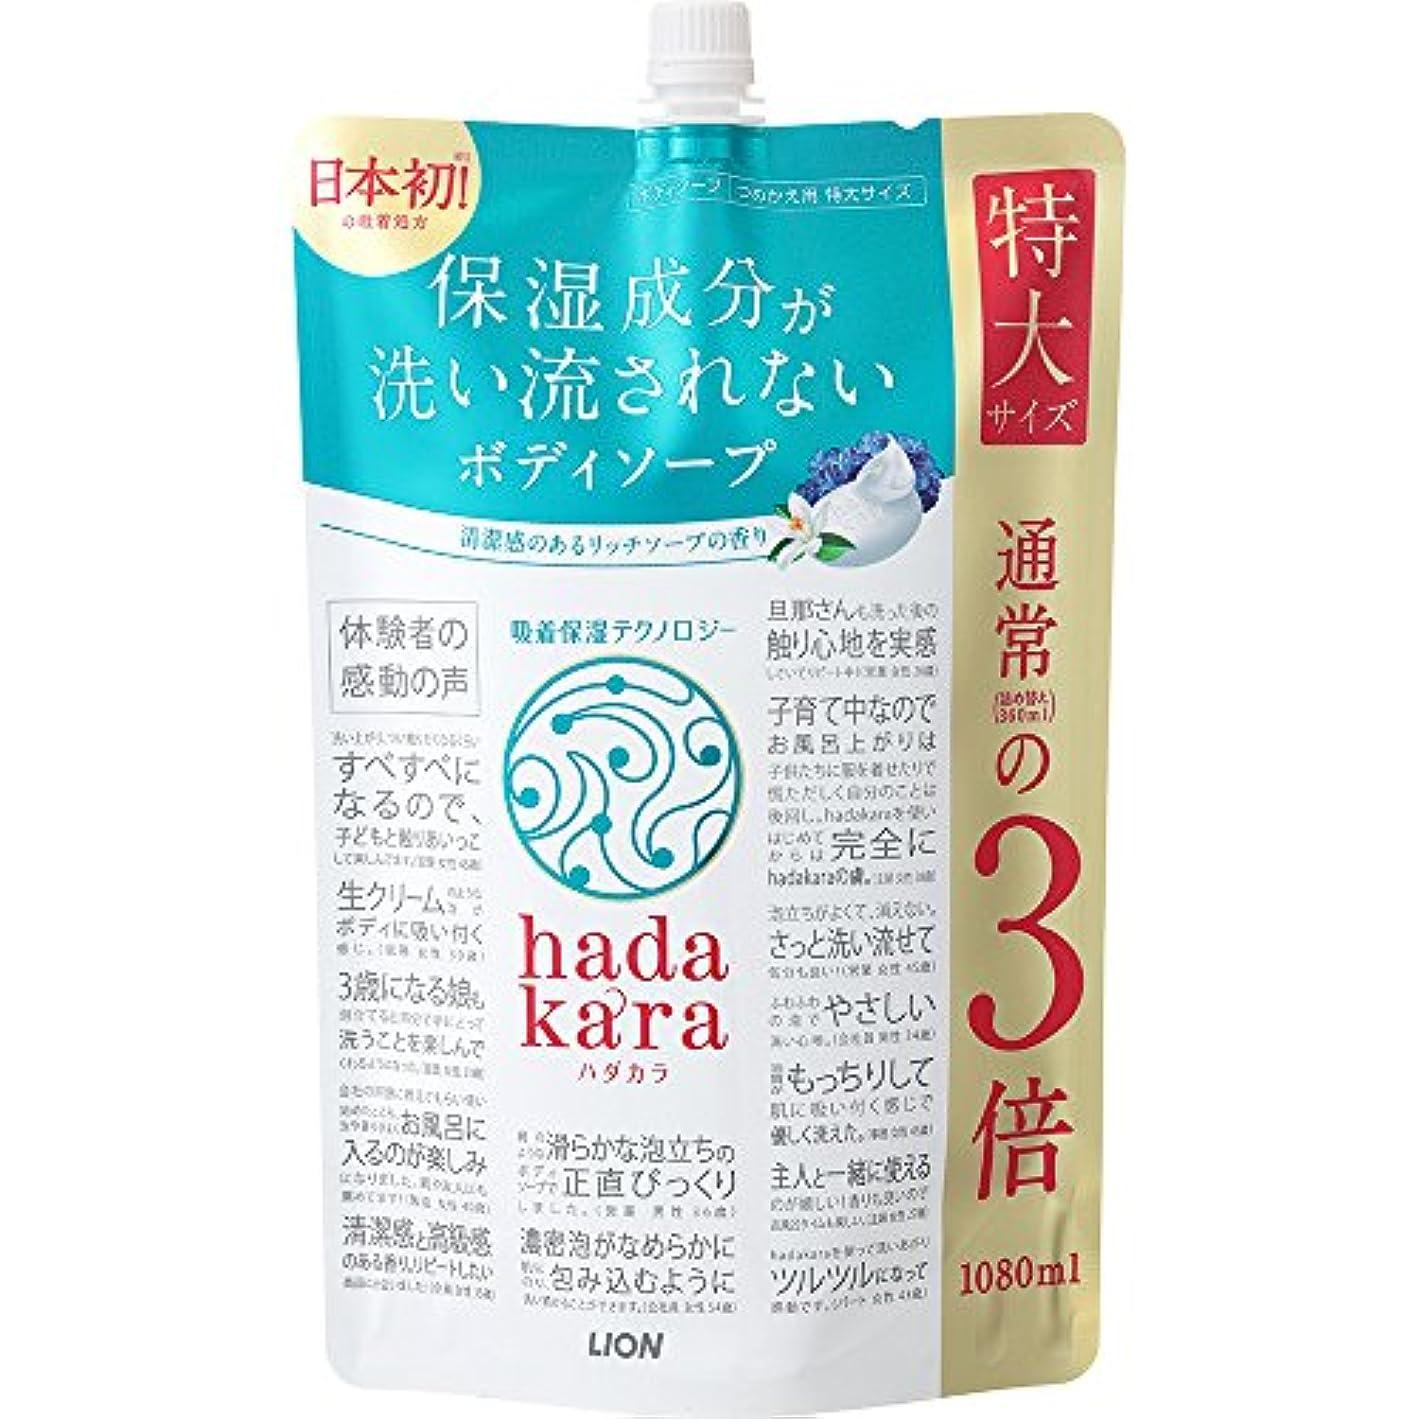 蛾グラフラボ【大容量】hadakara(ハダカラ) ボディソープ リッチソープの香り 詰め替え 特大 1080ml